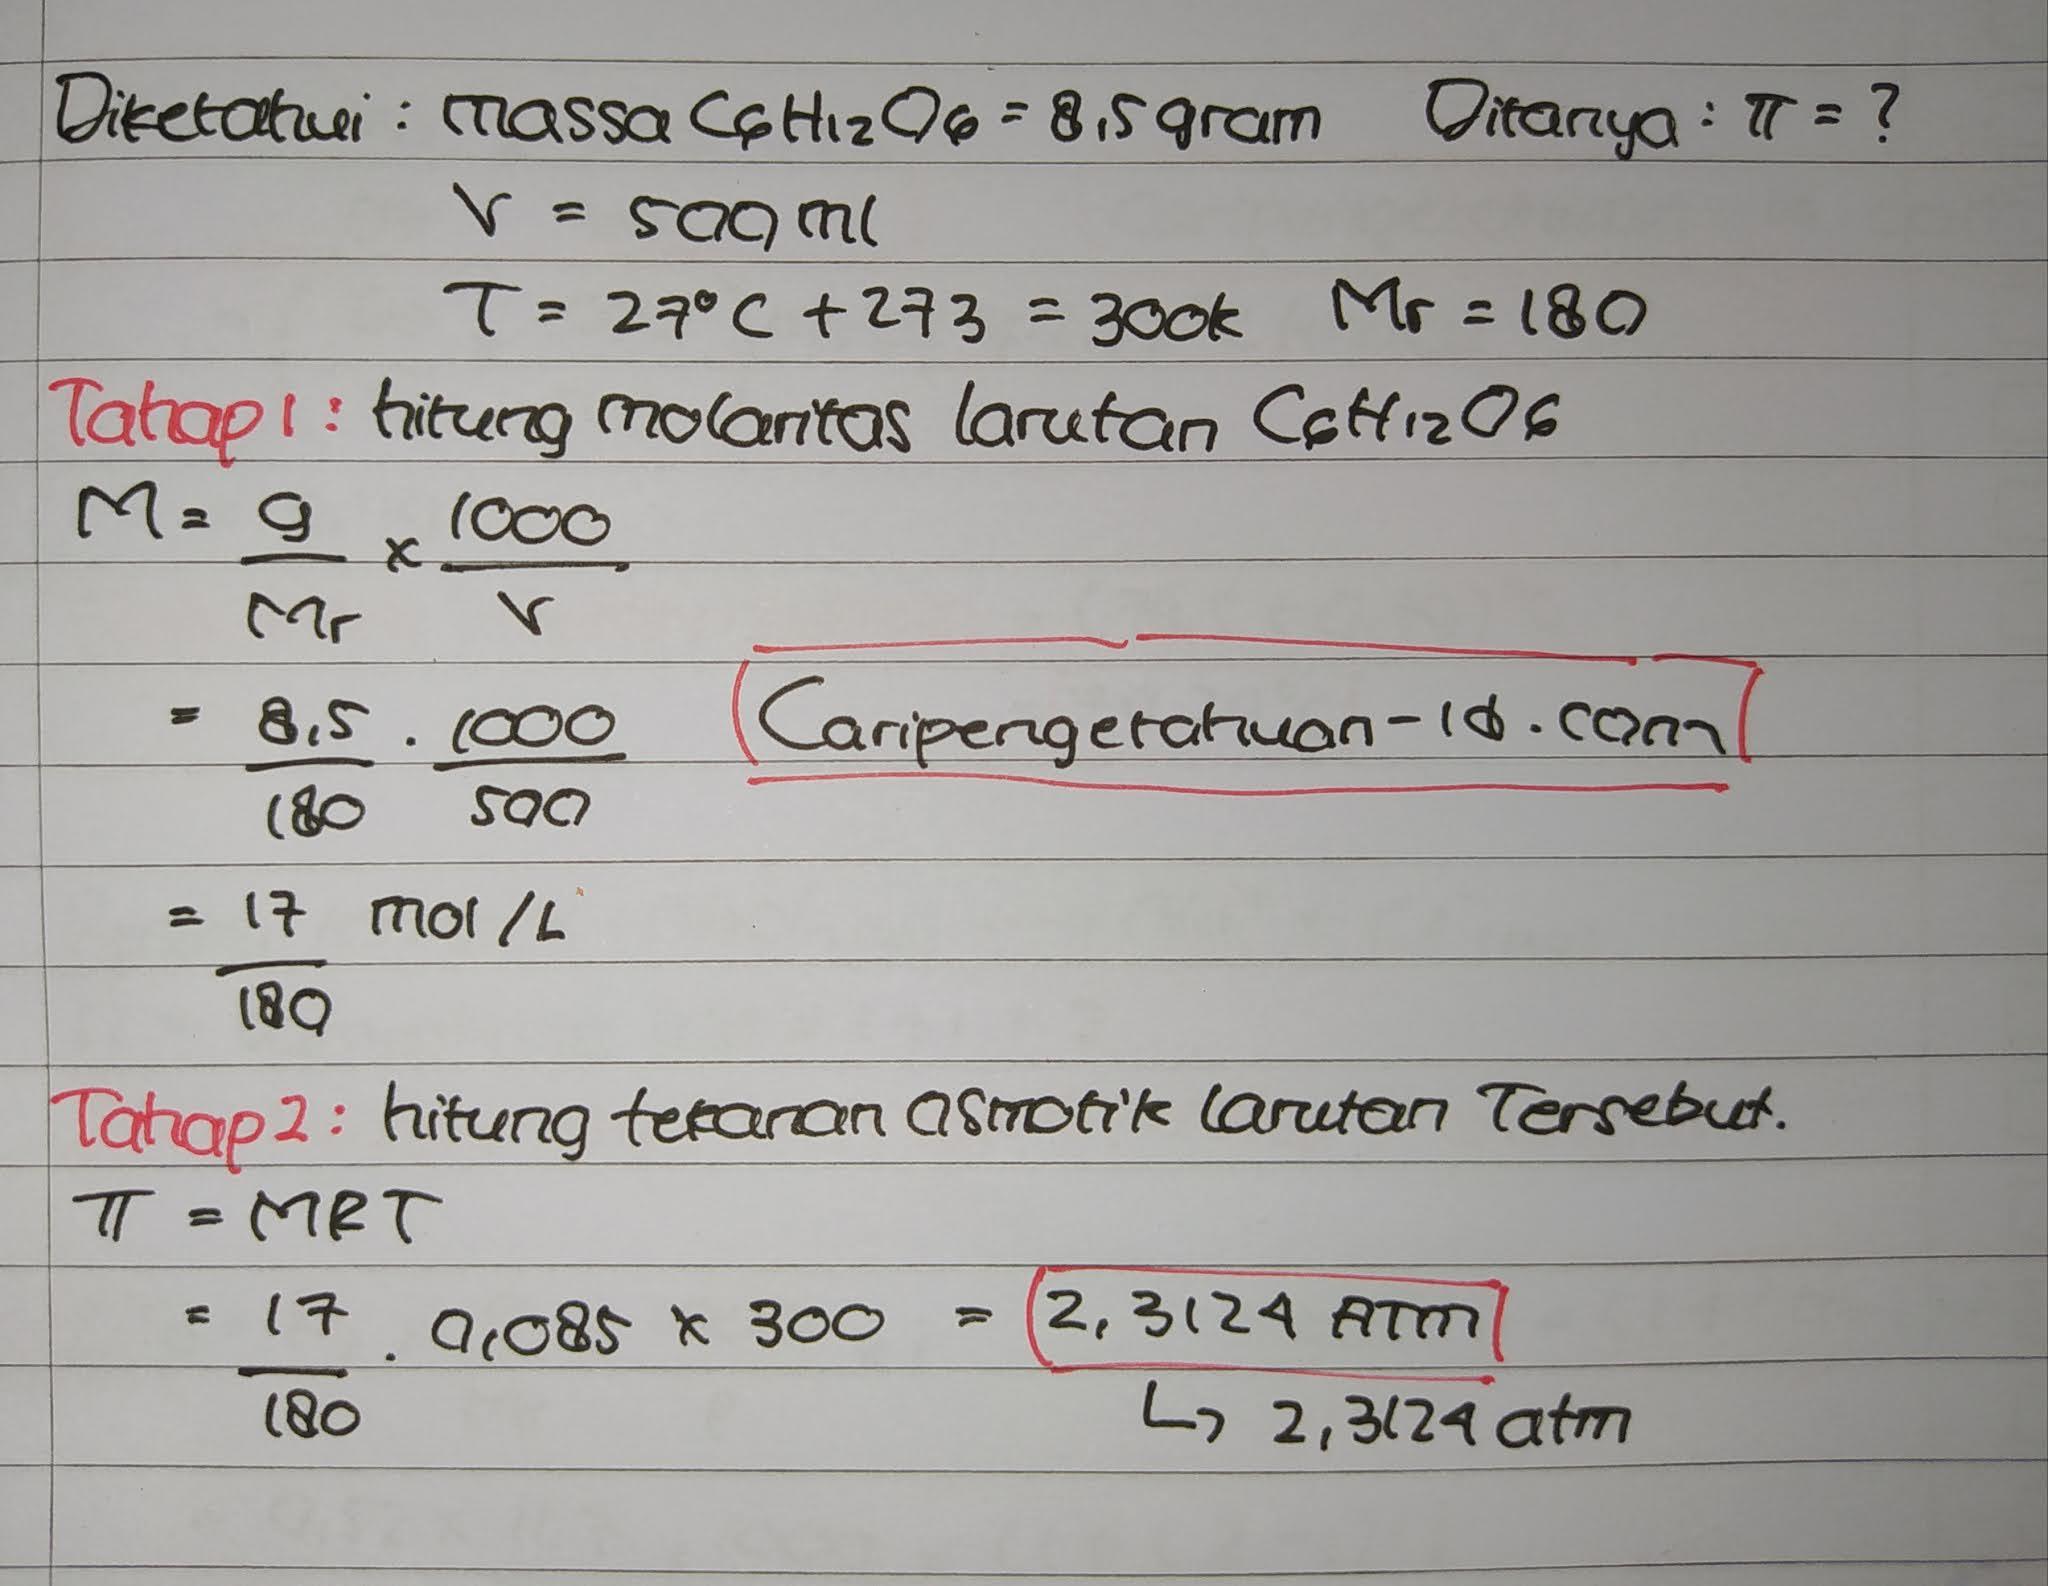 Pada suhu 27°C glukosa C6H12O6 (Mr = 180) sebanyak 8,5 gram dilarutkan dalam air sampai volumenya 500 ml R= 0,082 L atm mol-1 K-1. Tekanan osmosis larutan yang terjadi sebesar